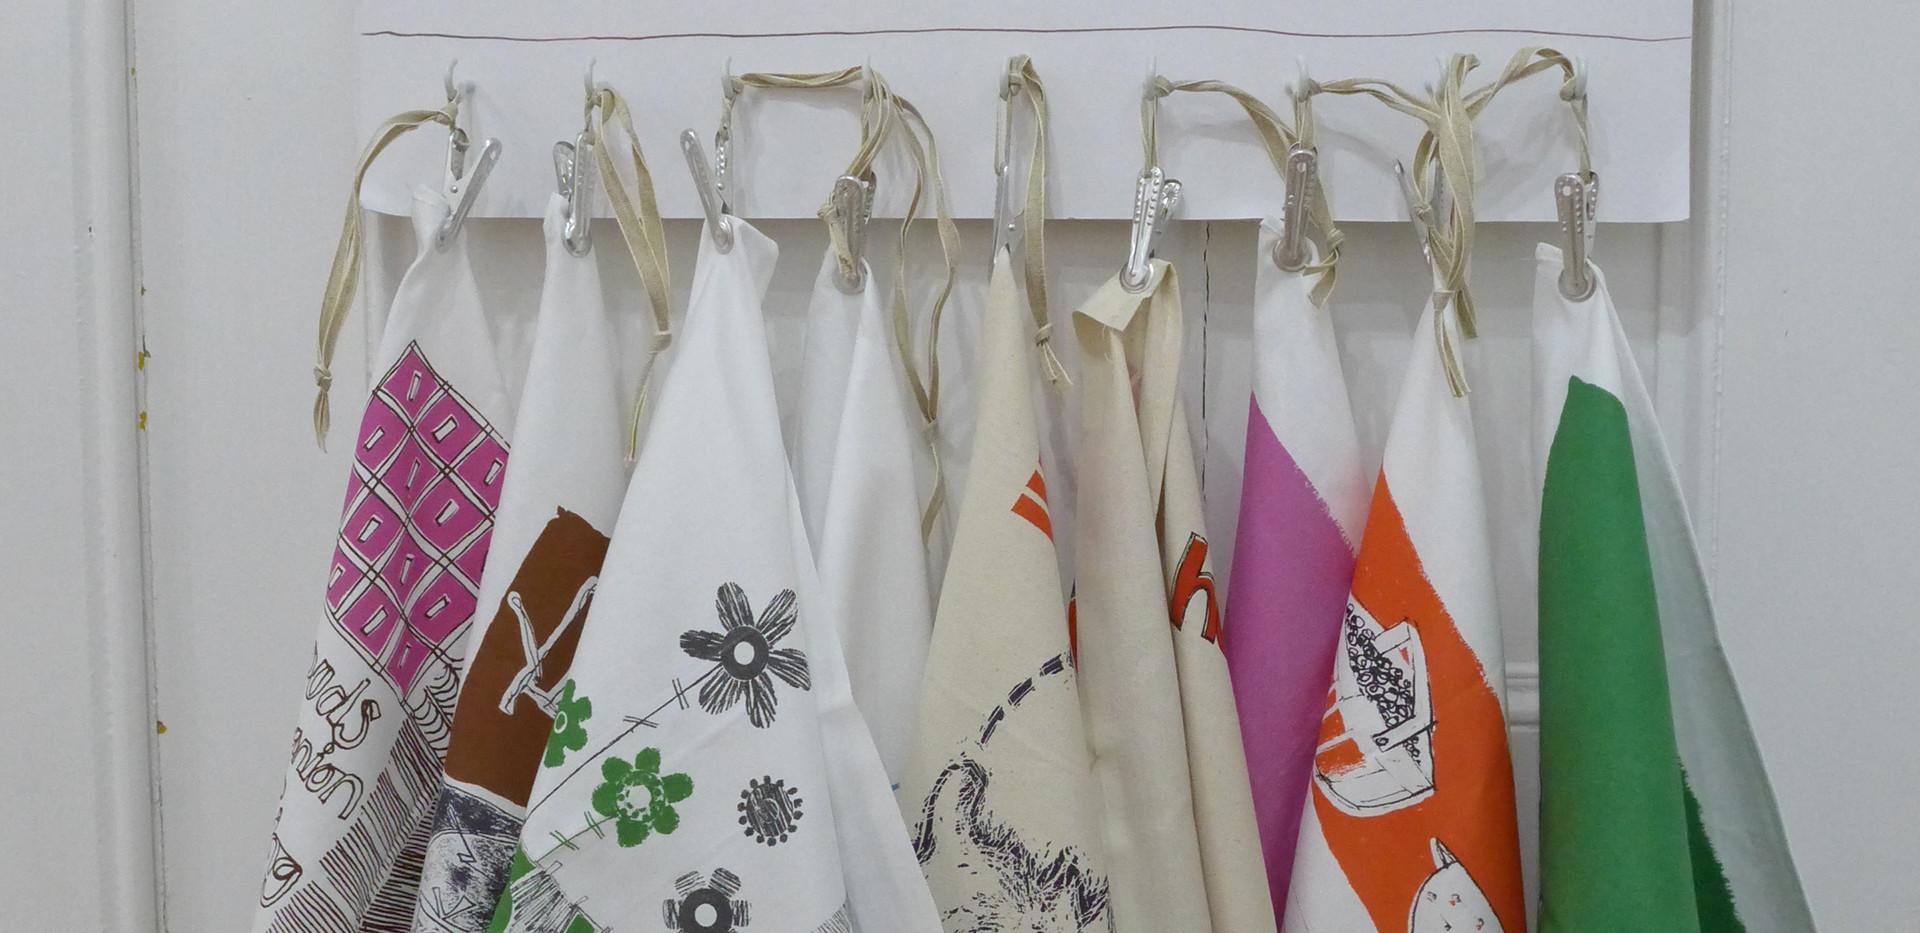 Tea towels on display!